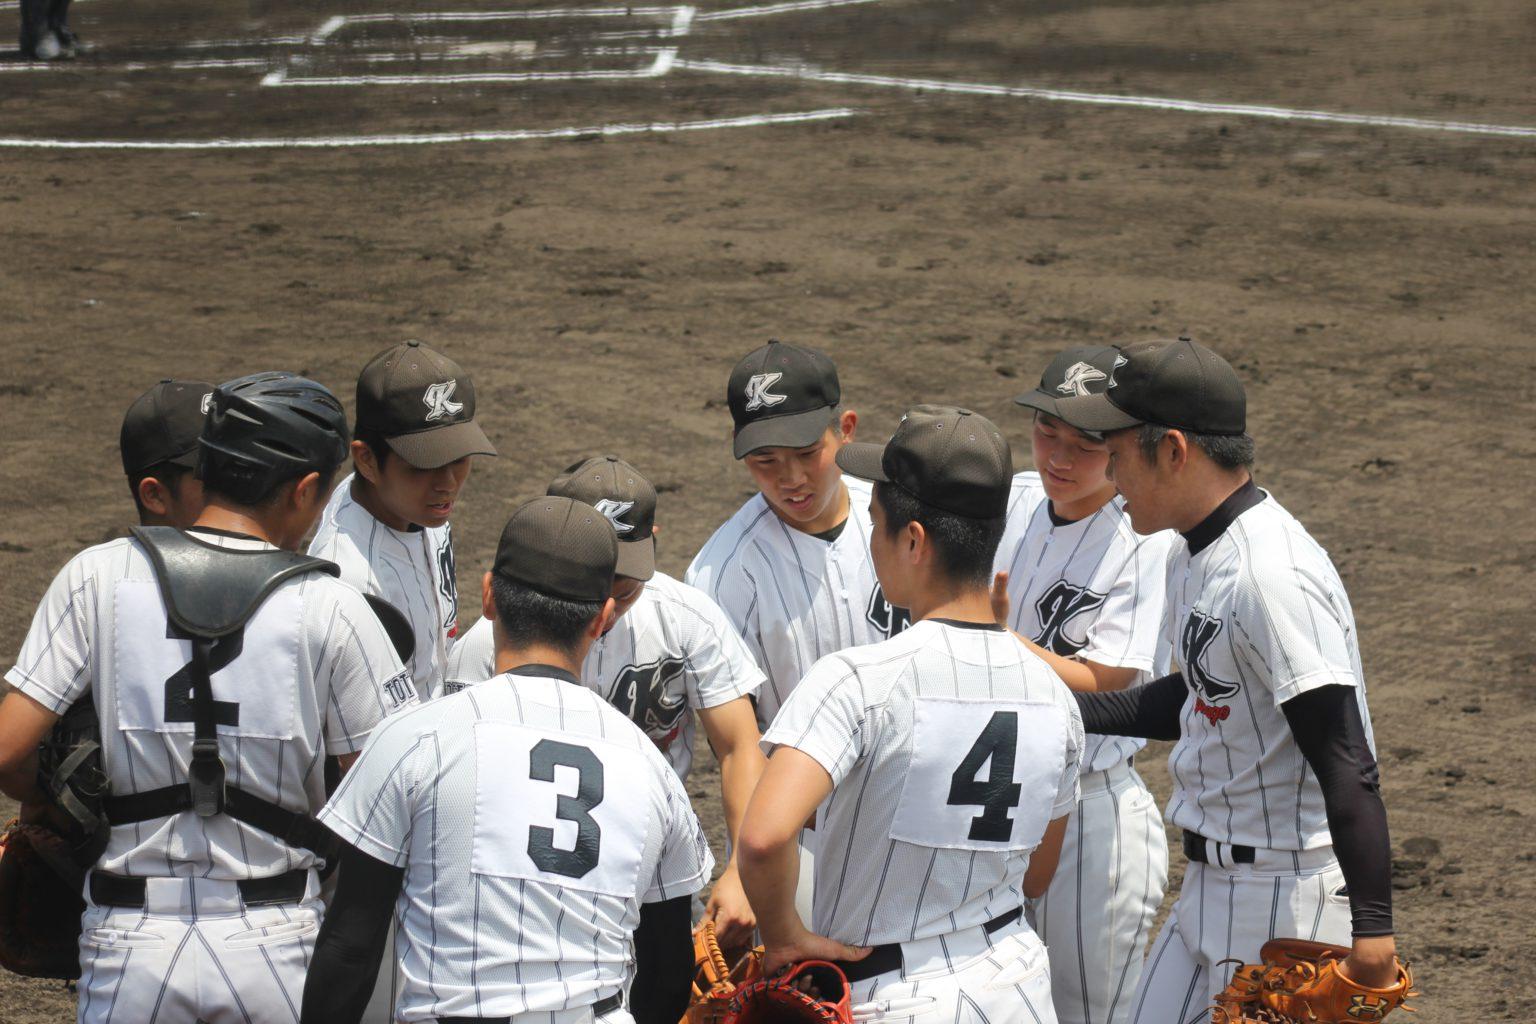 平成30年度 第57回山陰高等学校野球大会 結果